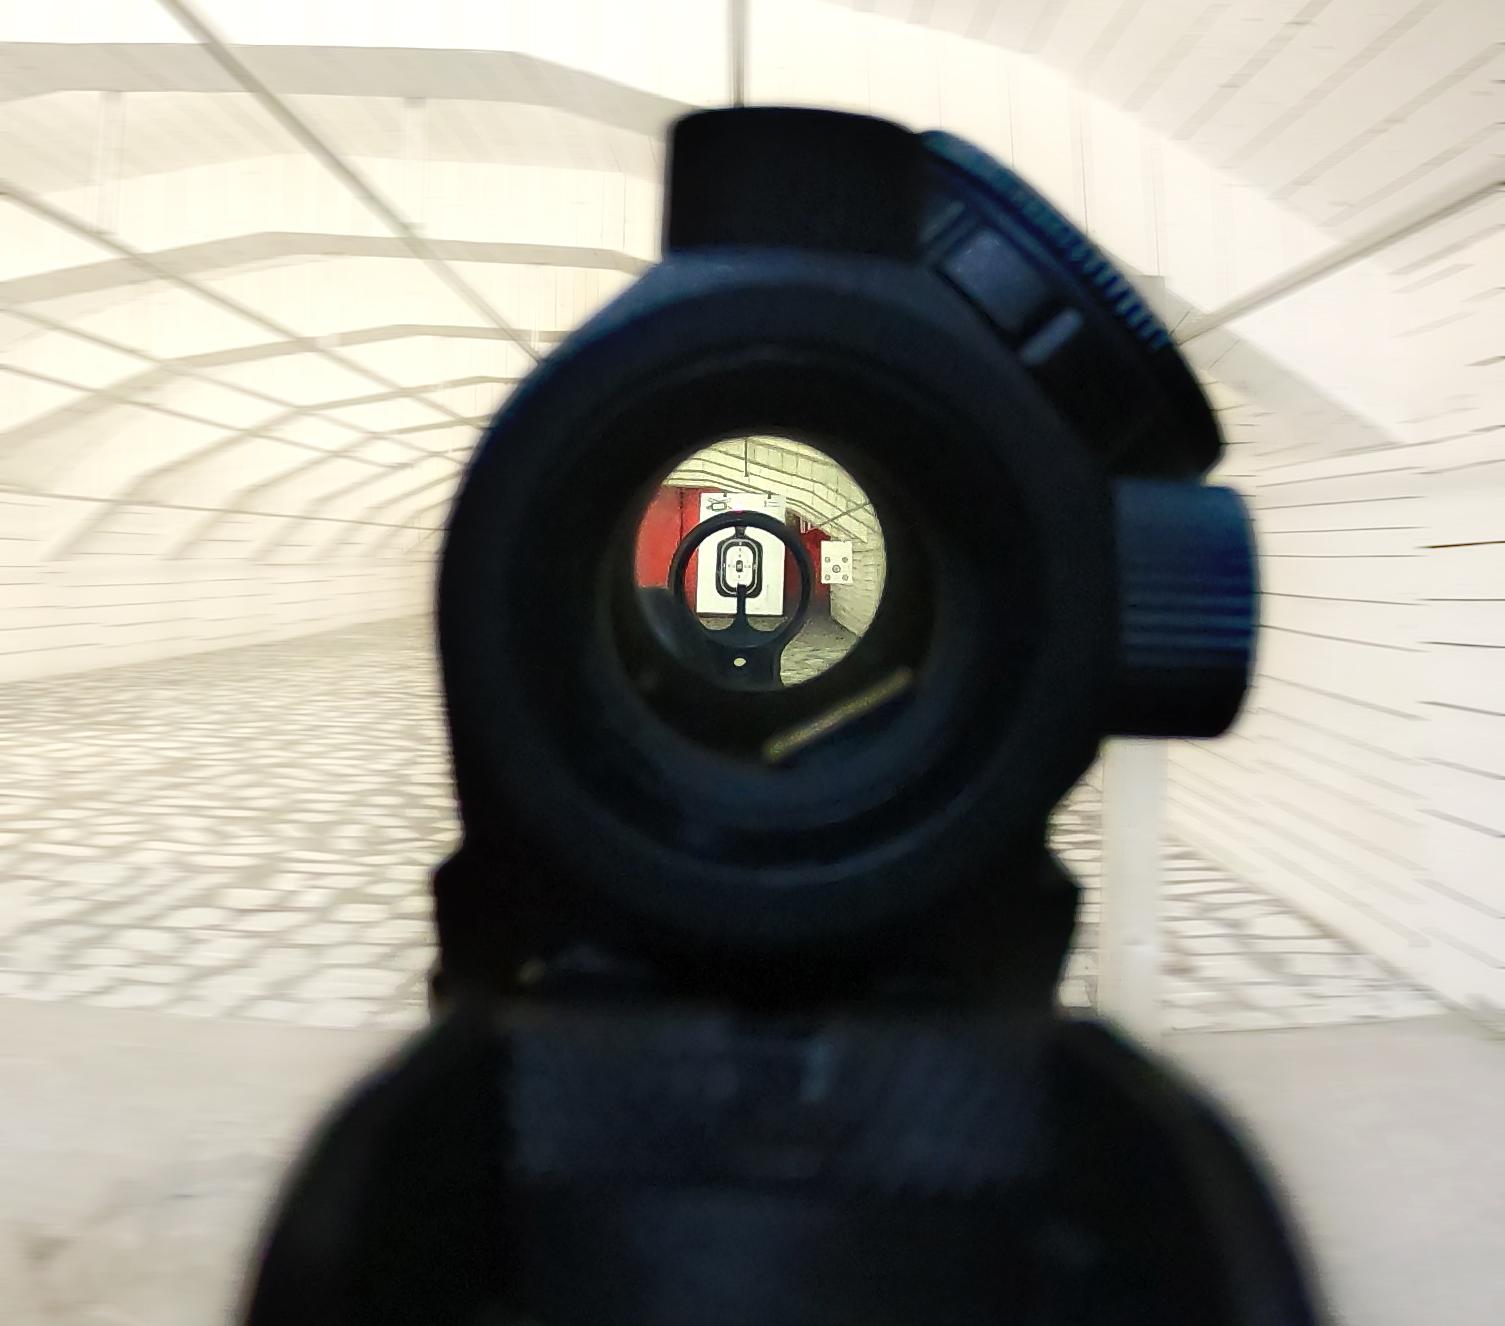 Tir cu arma în cel mai mare poligon indoor din România